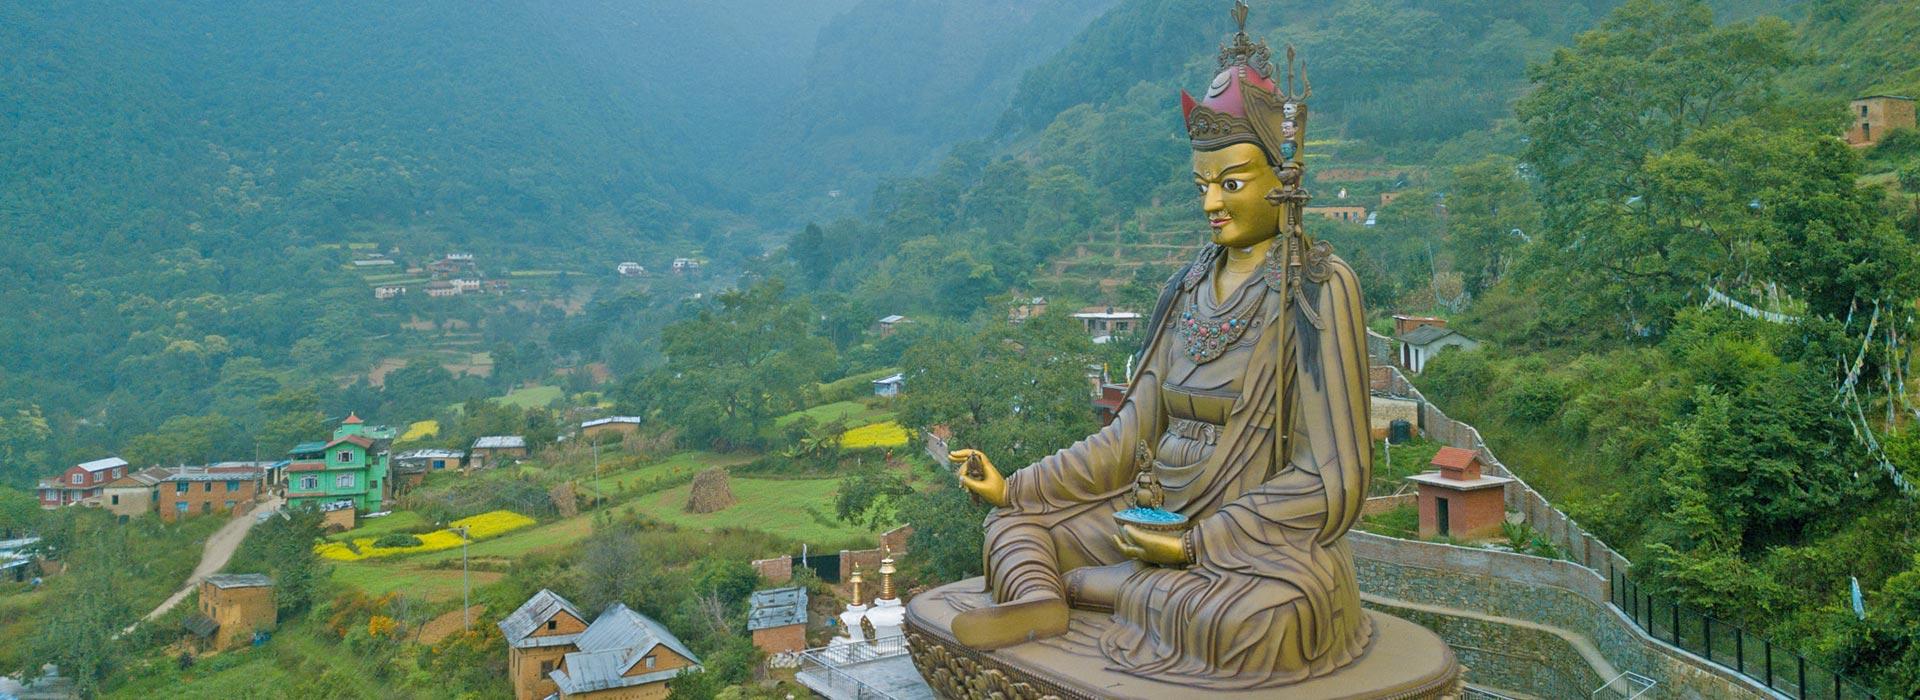 Tibetan Manastries of Kathmandu Valley